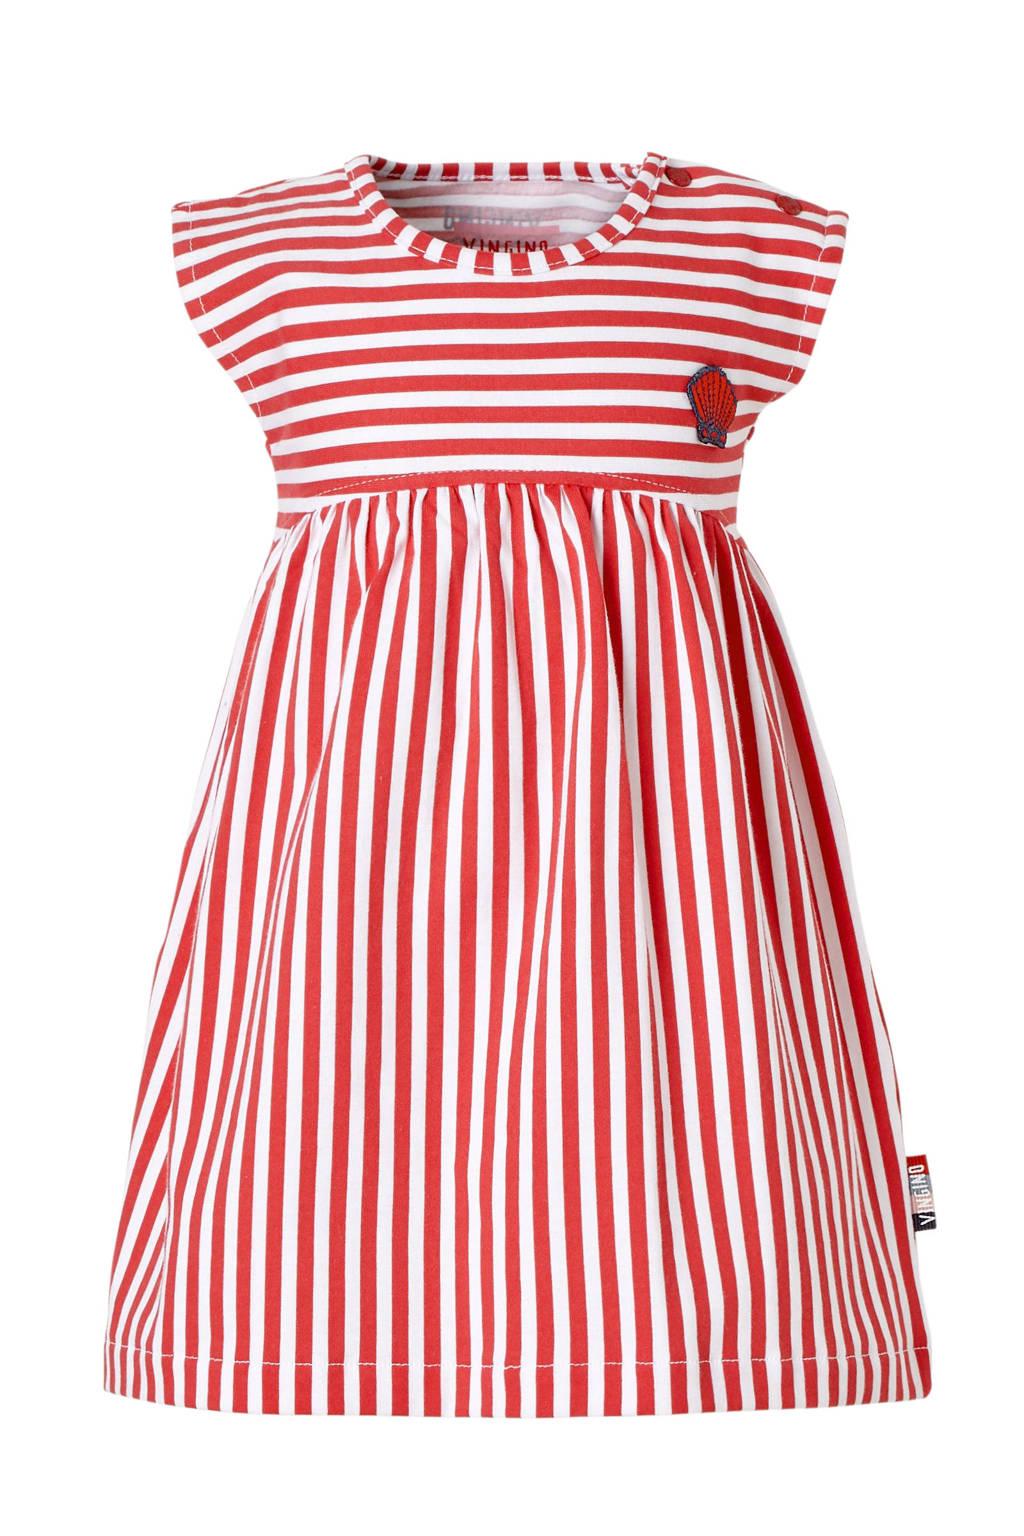 Vingino gestreepte jurk Pelia rood/wit, Rood/wit